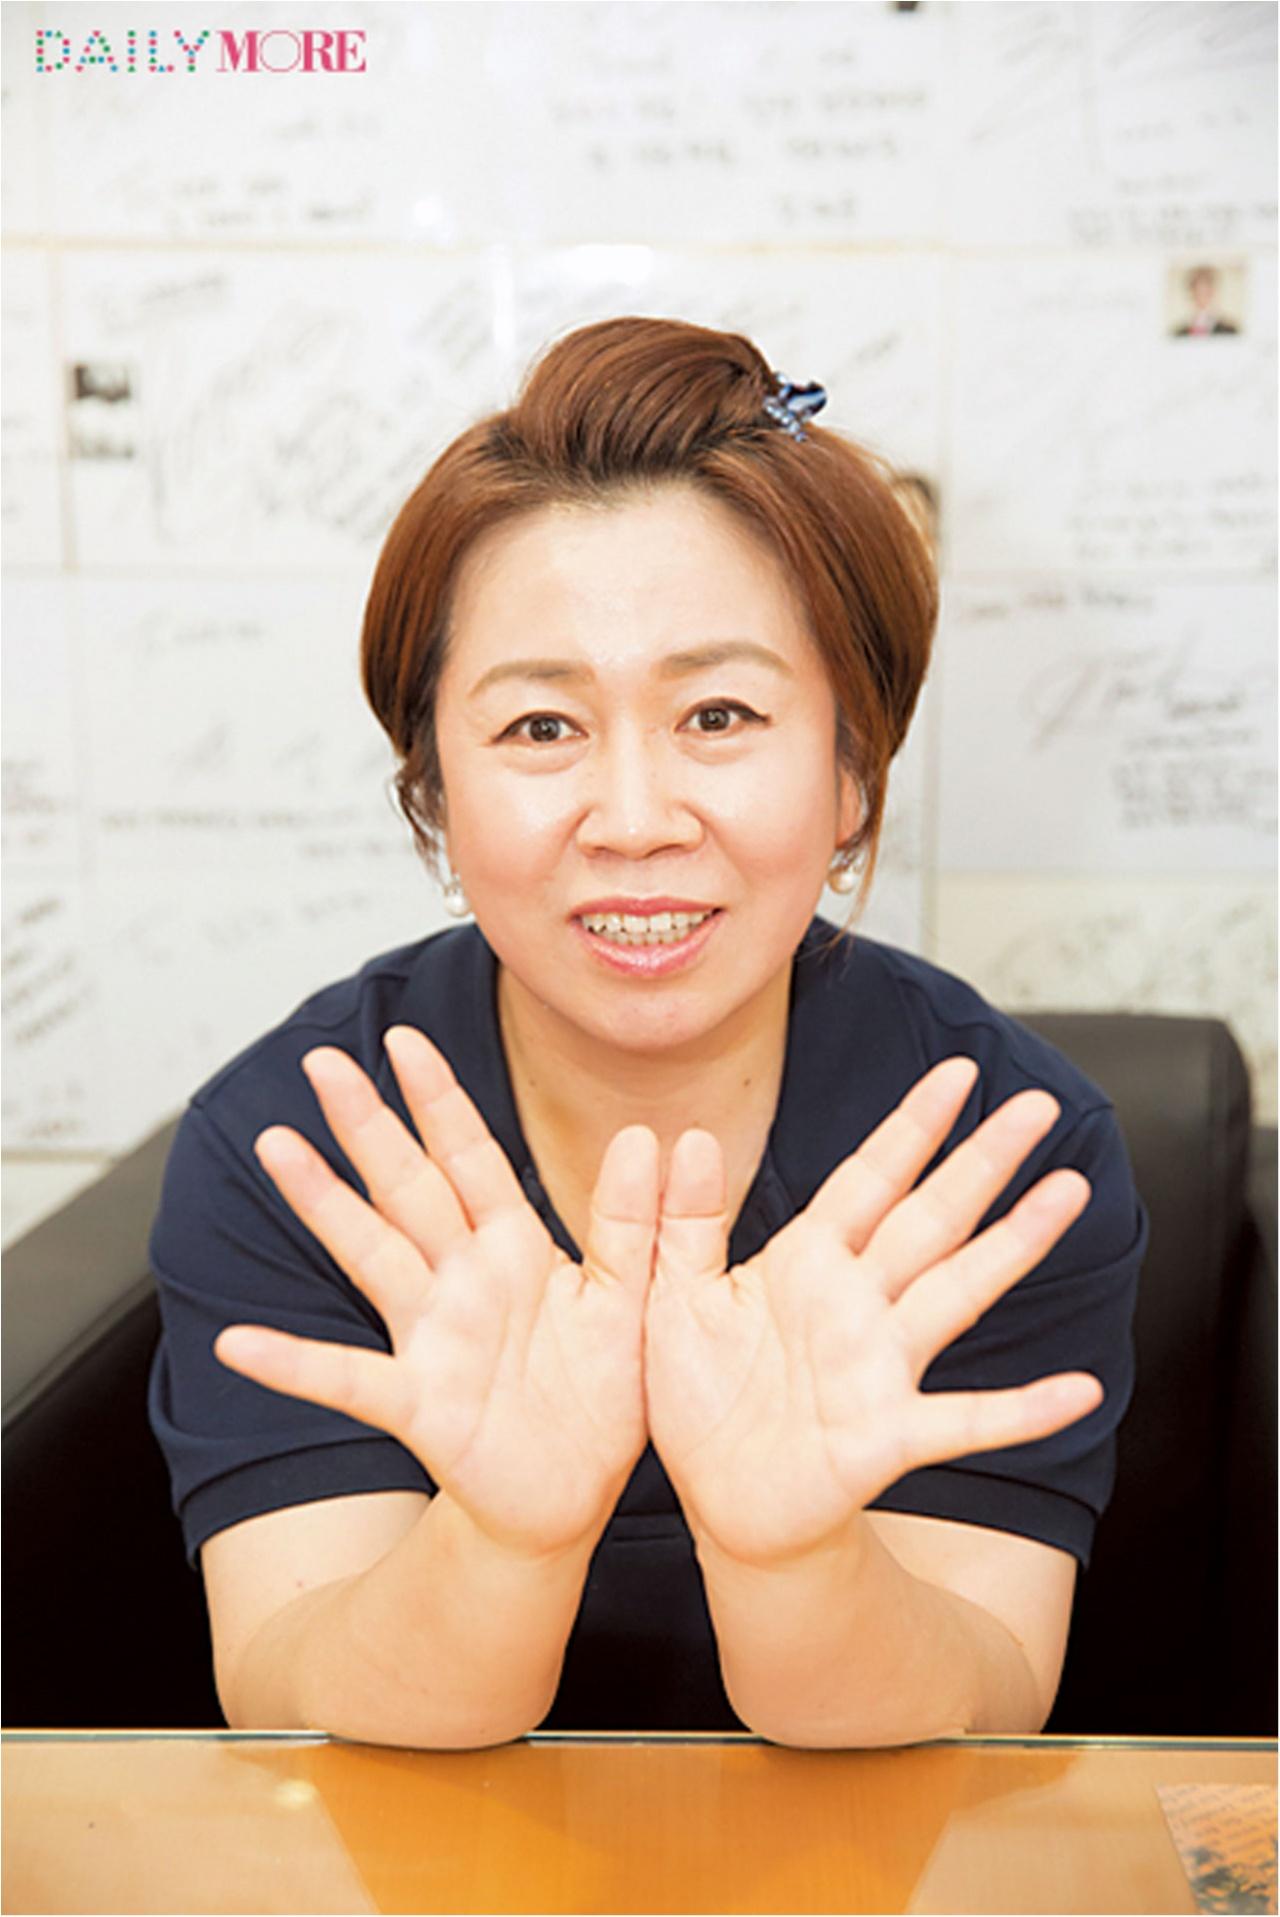 速攻キレイに! 韓国美容フリーク・小田切ヒロと逢沢りなの「ソウル最新ビューティースポット」!_7